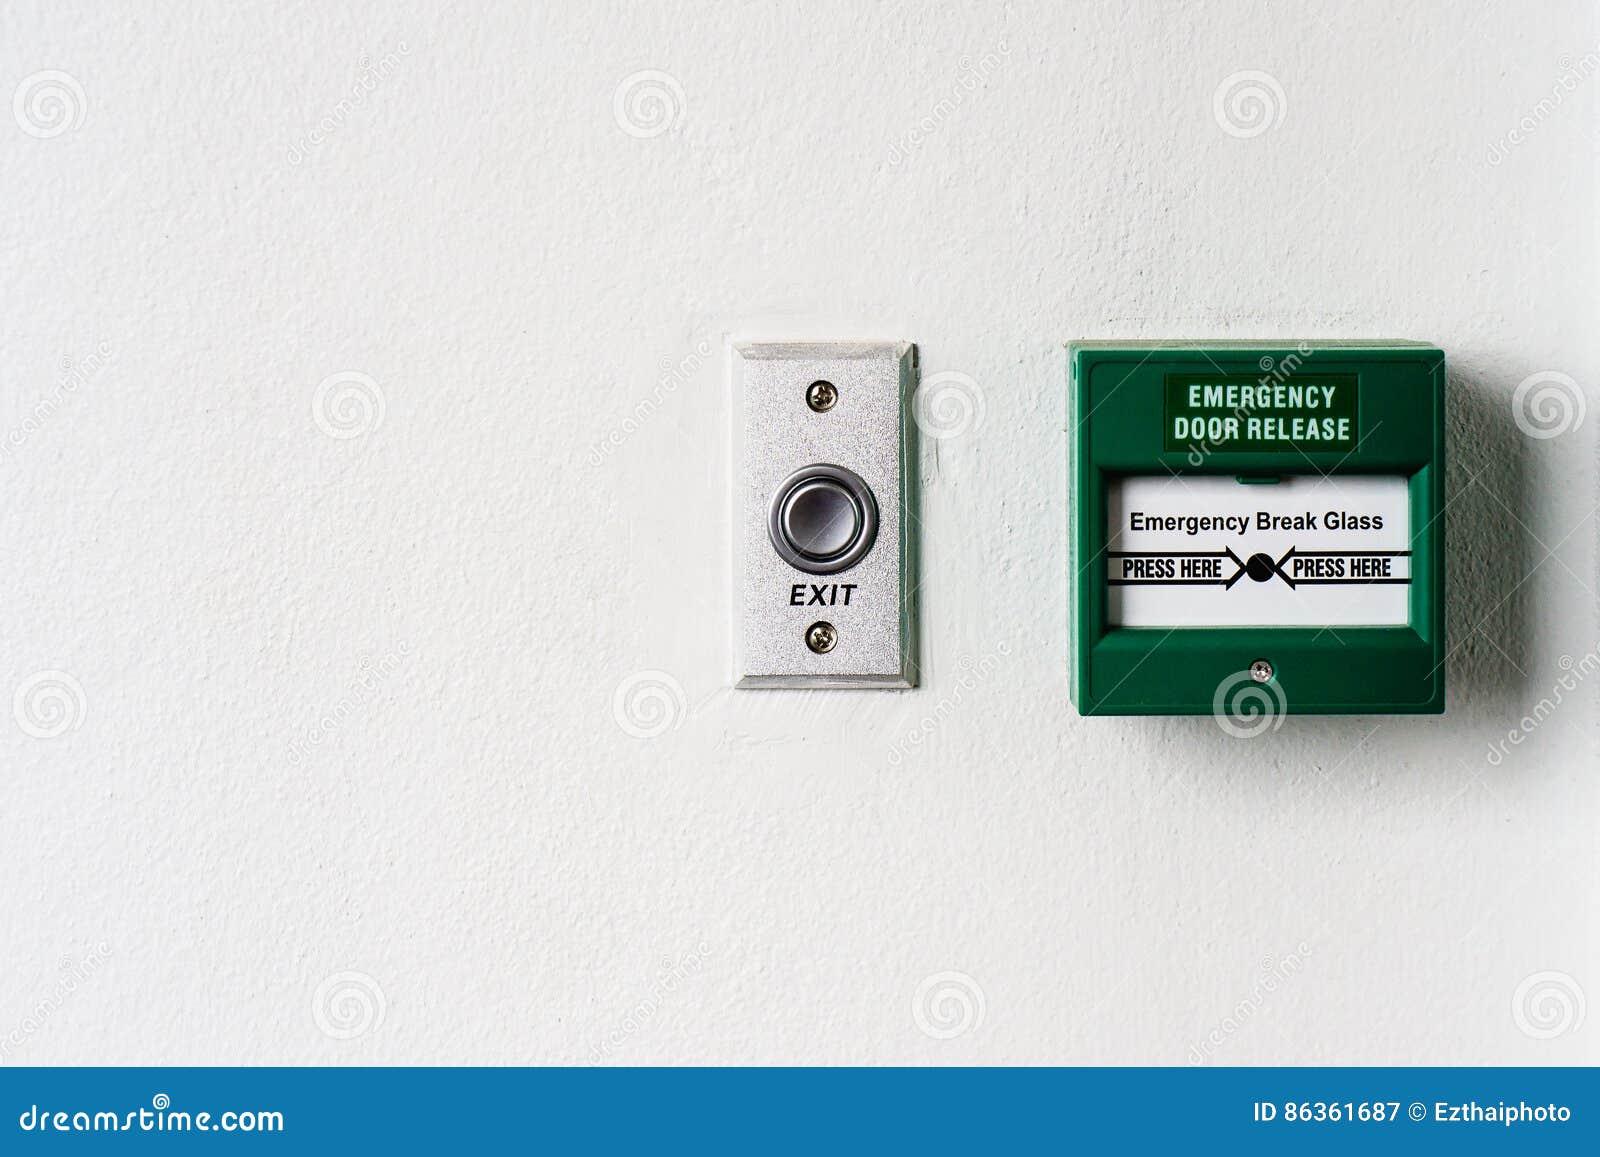 Emergency Door Release Break Point And Door Exit Button Stock Image